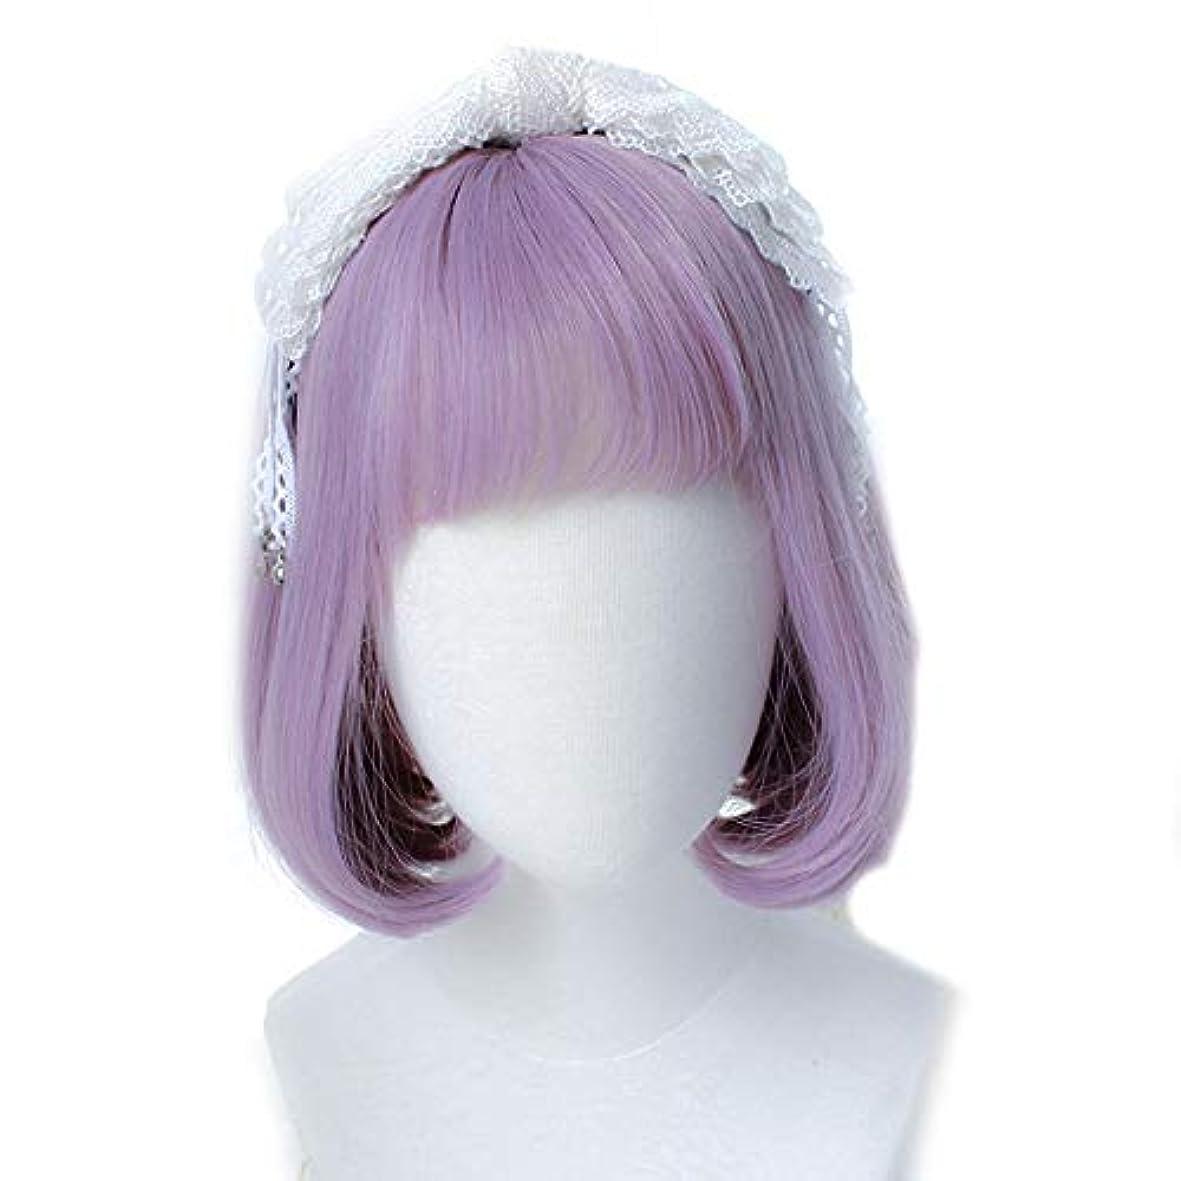 懸念騒農場WASAIO アクセサリー用スタイル交換ファイバーロングカーリー合成ショートボブウィッグ女の子の洋ナシ頭髪エアバング付き女性コスプレパーティードレス (色 : Photo Color)